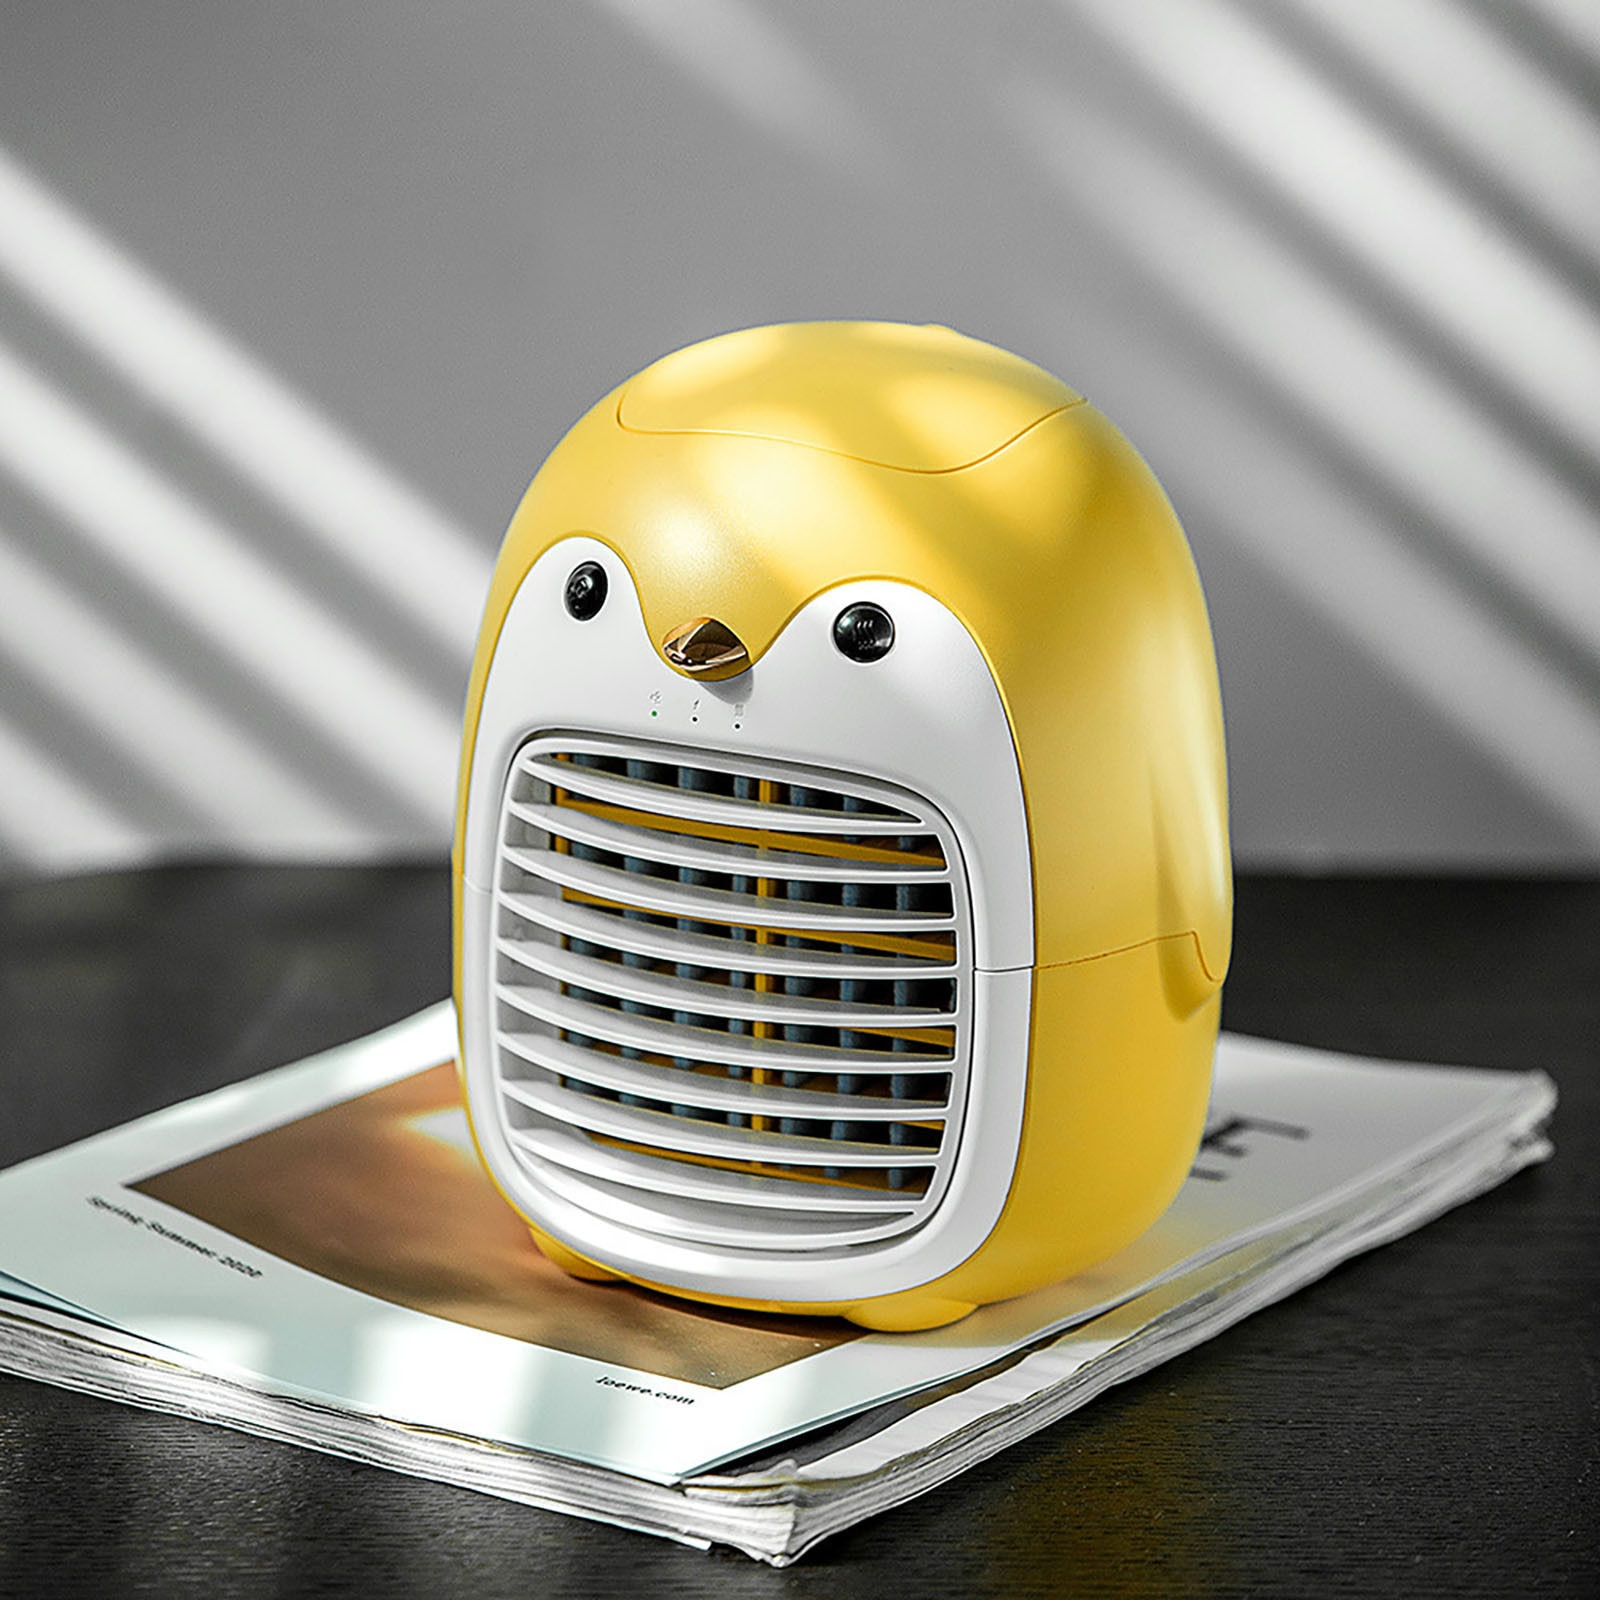 مروحة تبريد مياه سطح المكتب ، مبرد هواء صغير محمول ، مرطب ، منقي للمكتب ، غرفة النوم # DB4